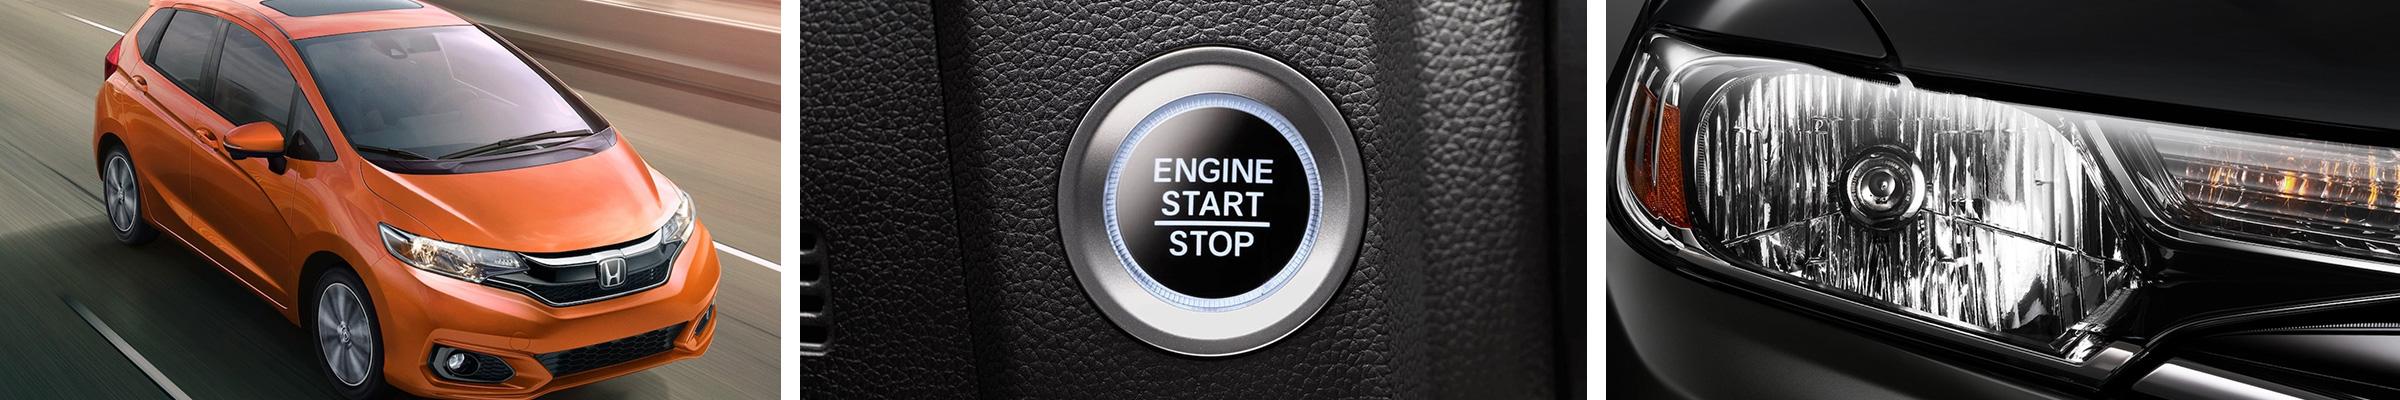 2020 Honda Fit For Sale Dearborn MI | Detroit